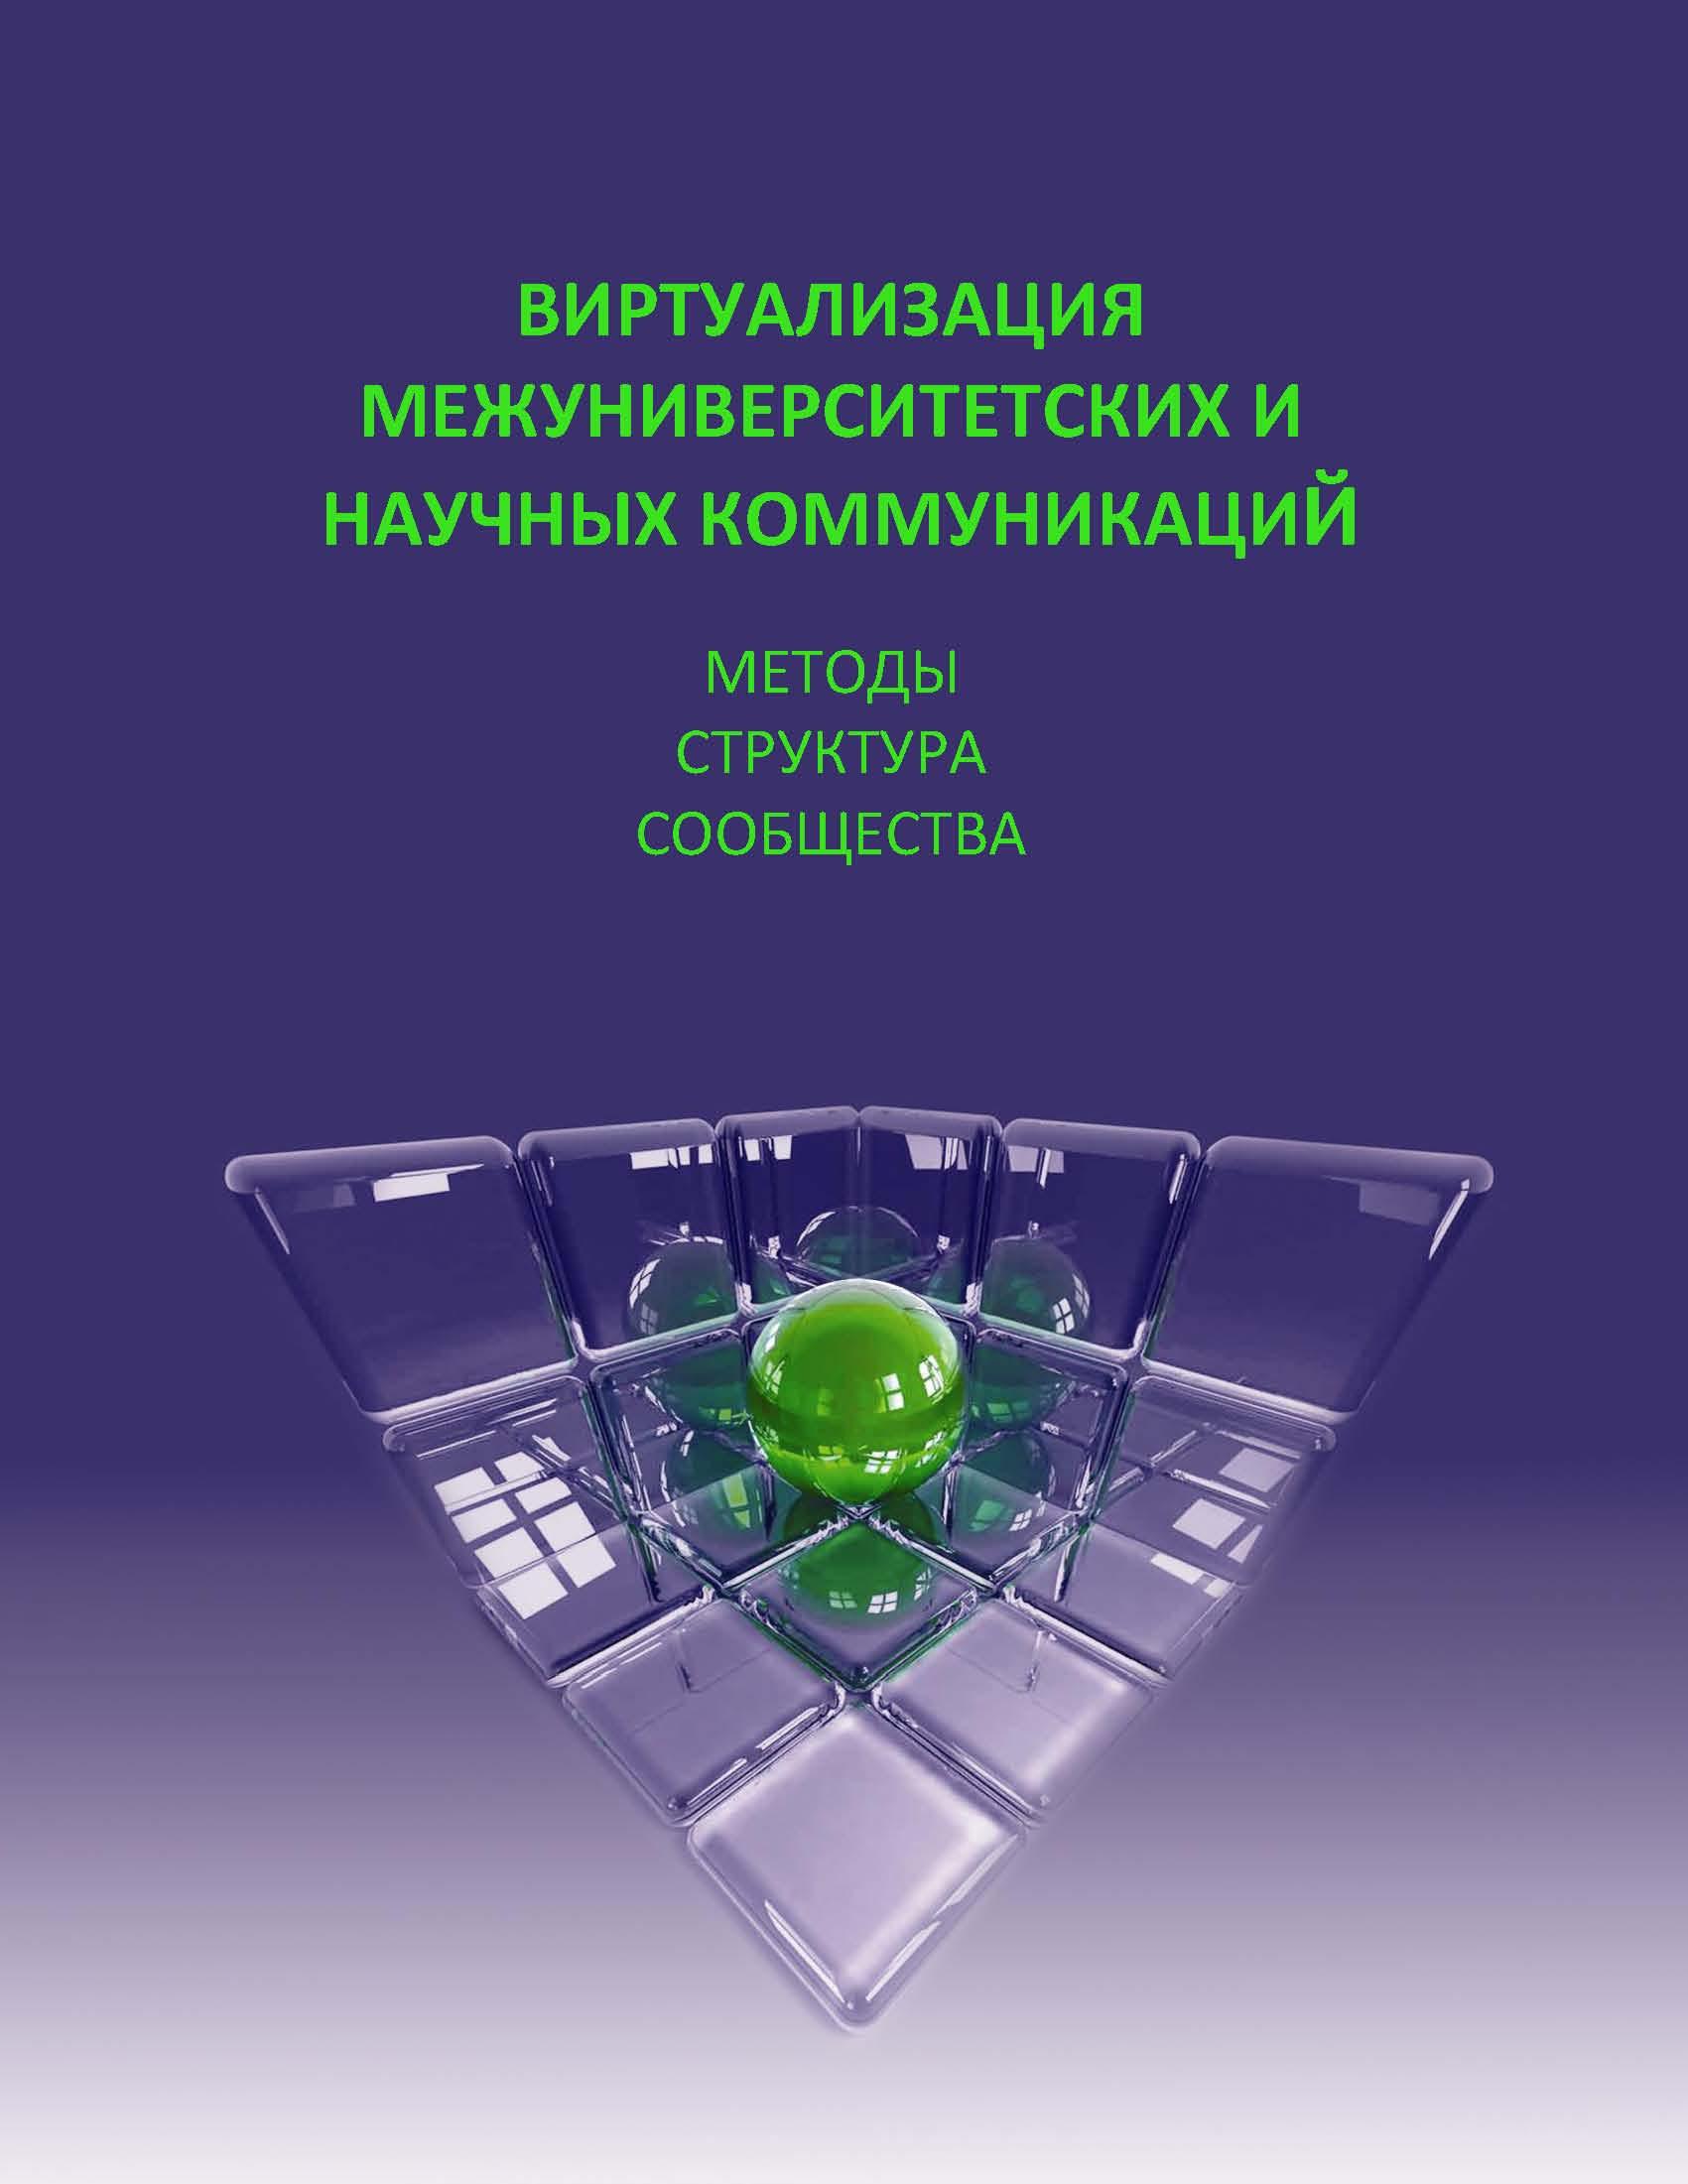 Виртуализация межуниверситетских и научных коммуникаций: методы, структуры, сообщества